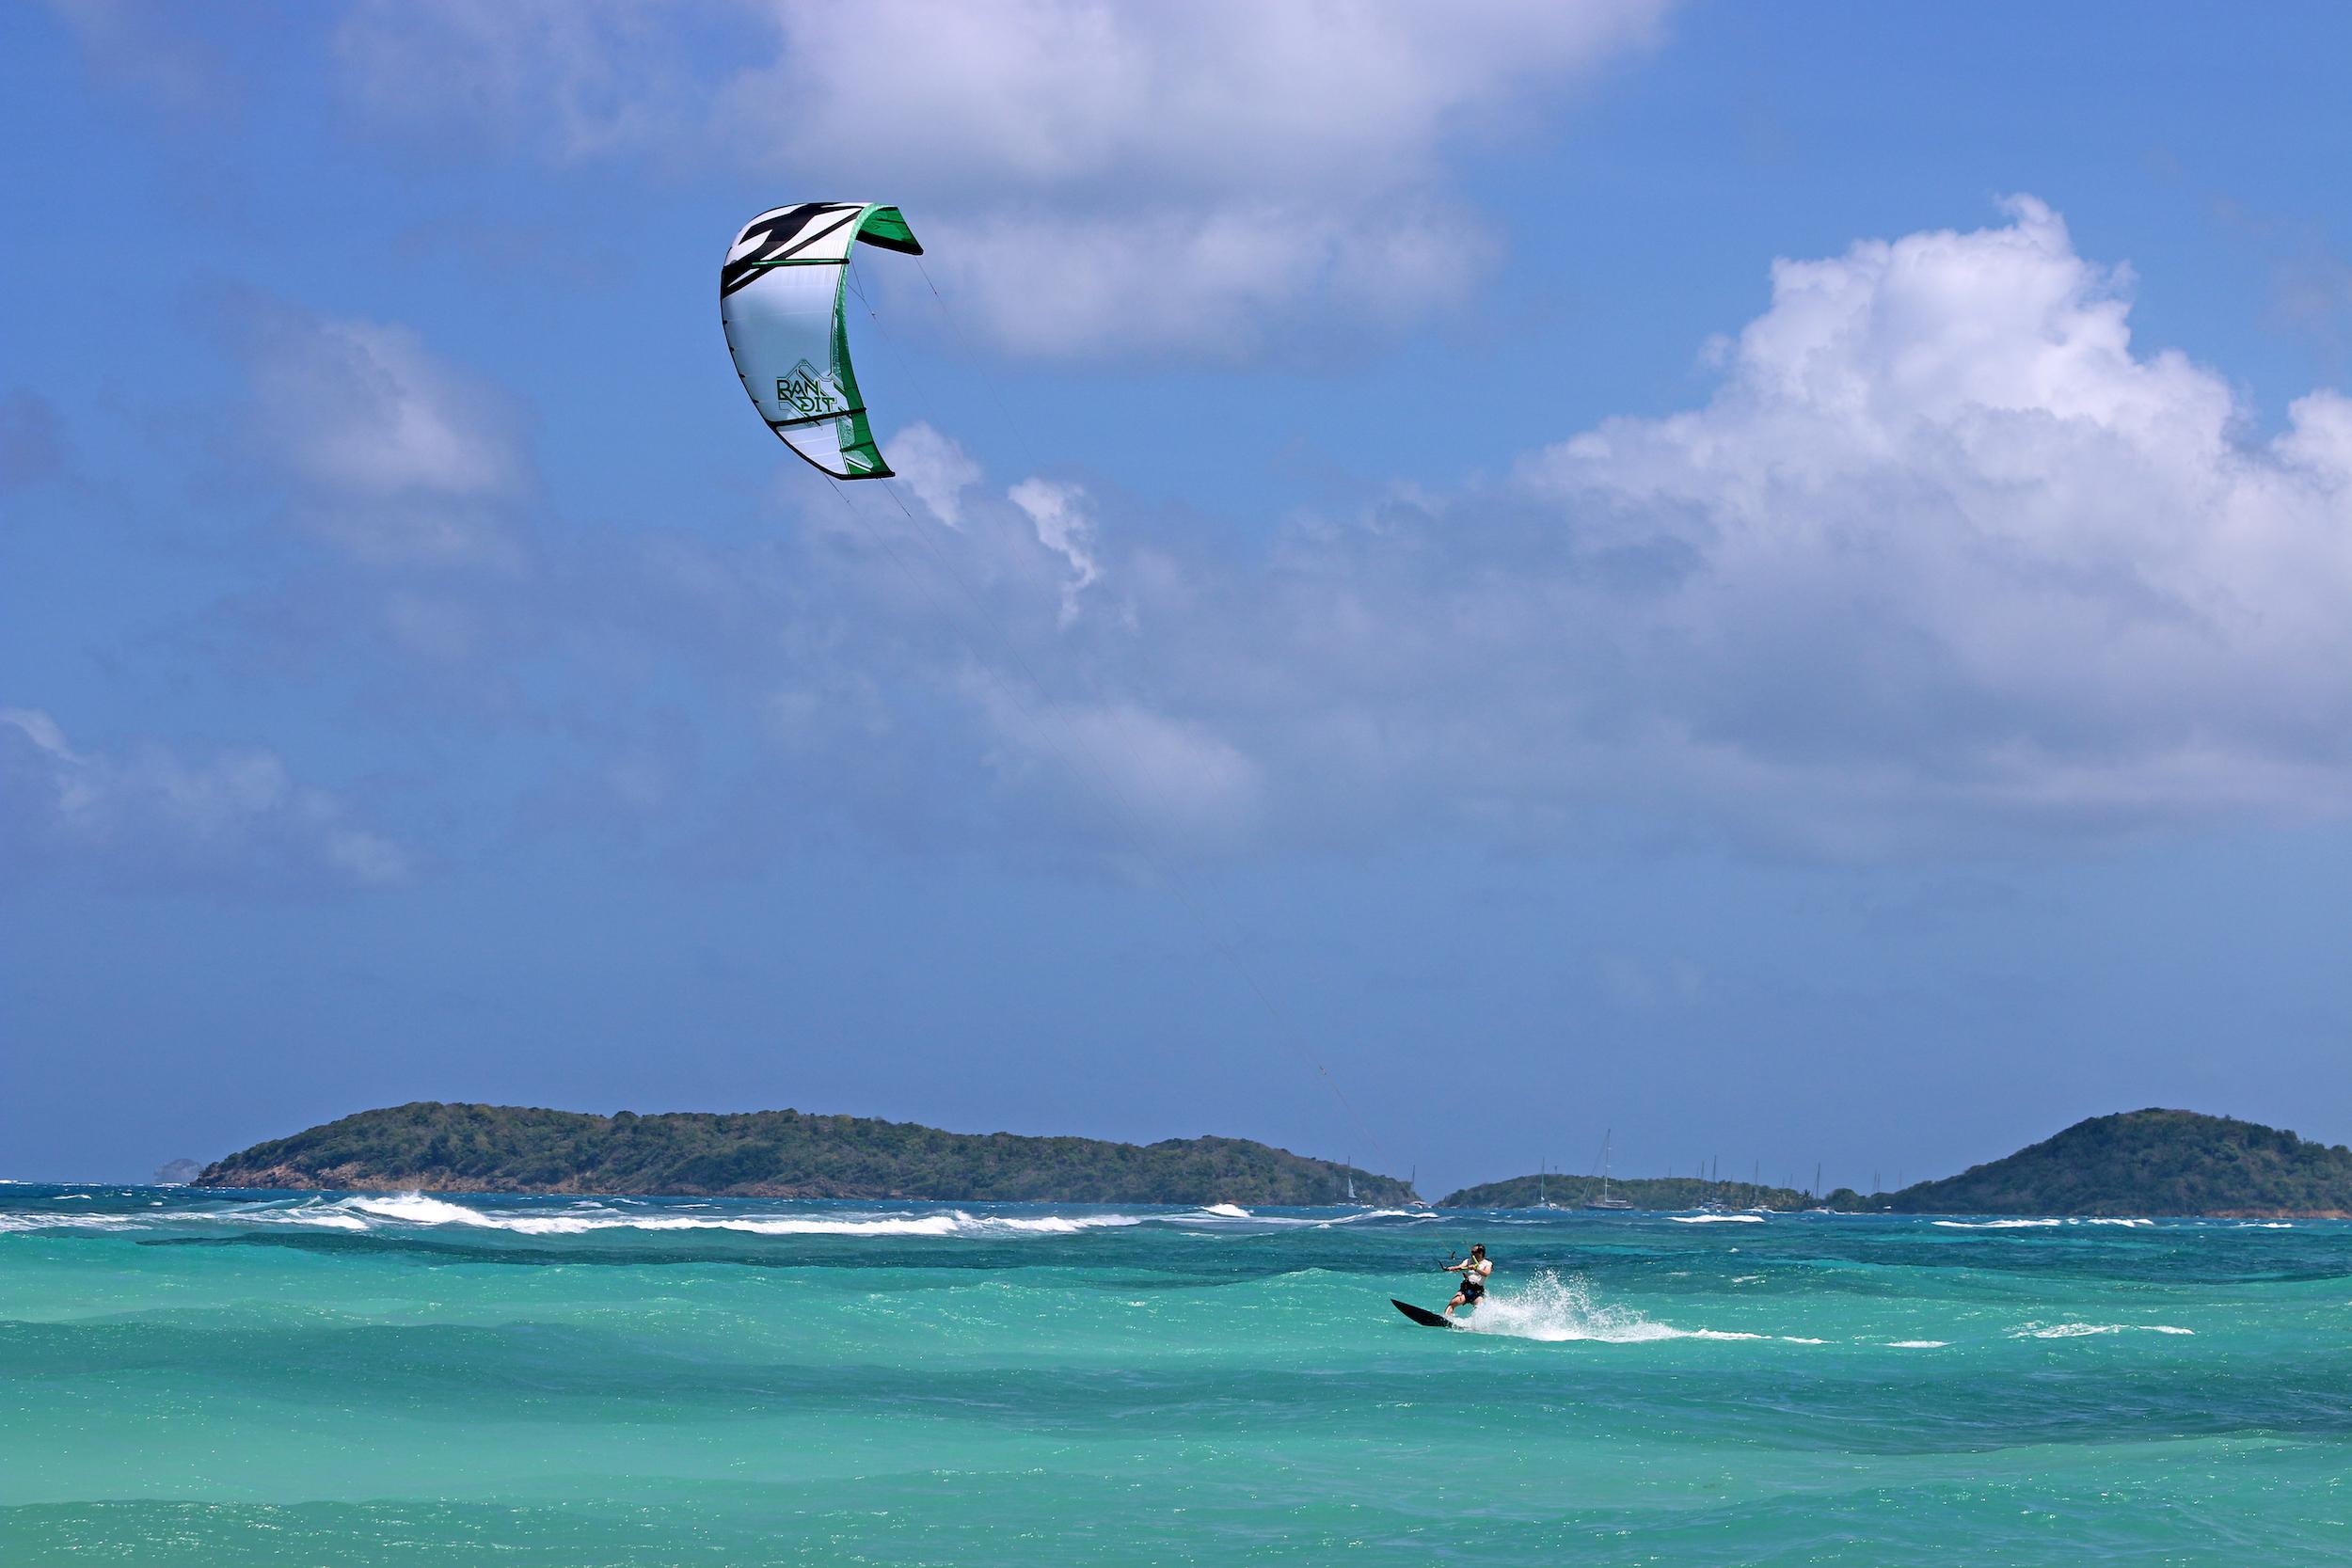 Mark Dixon kitesurfing